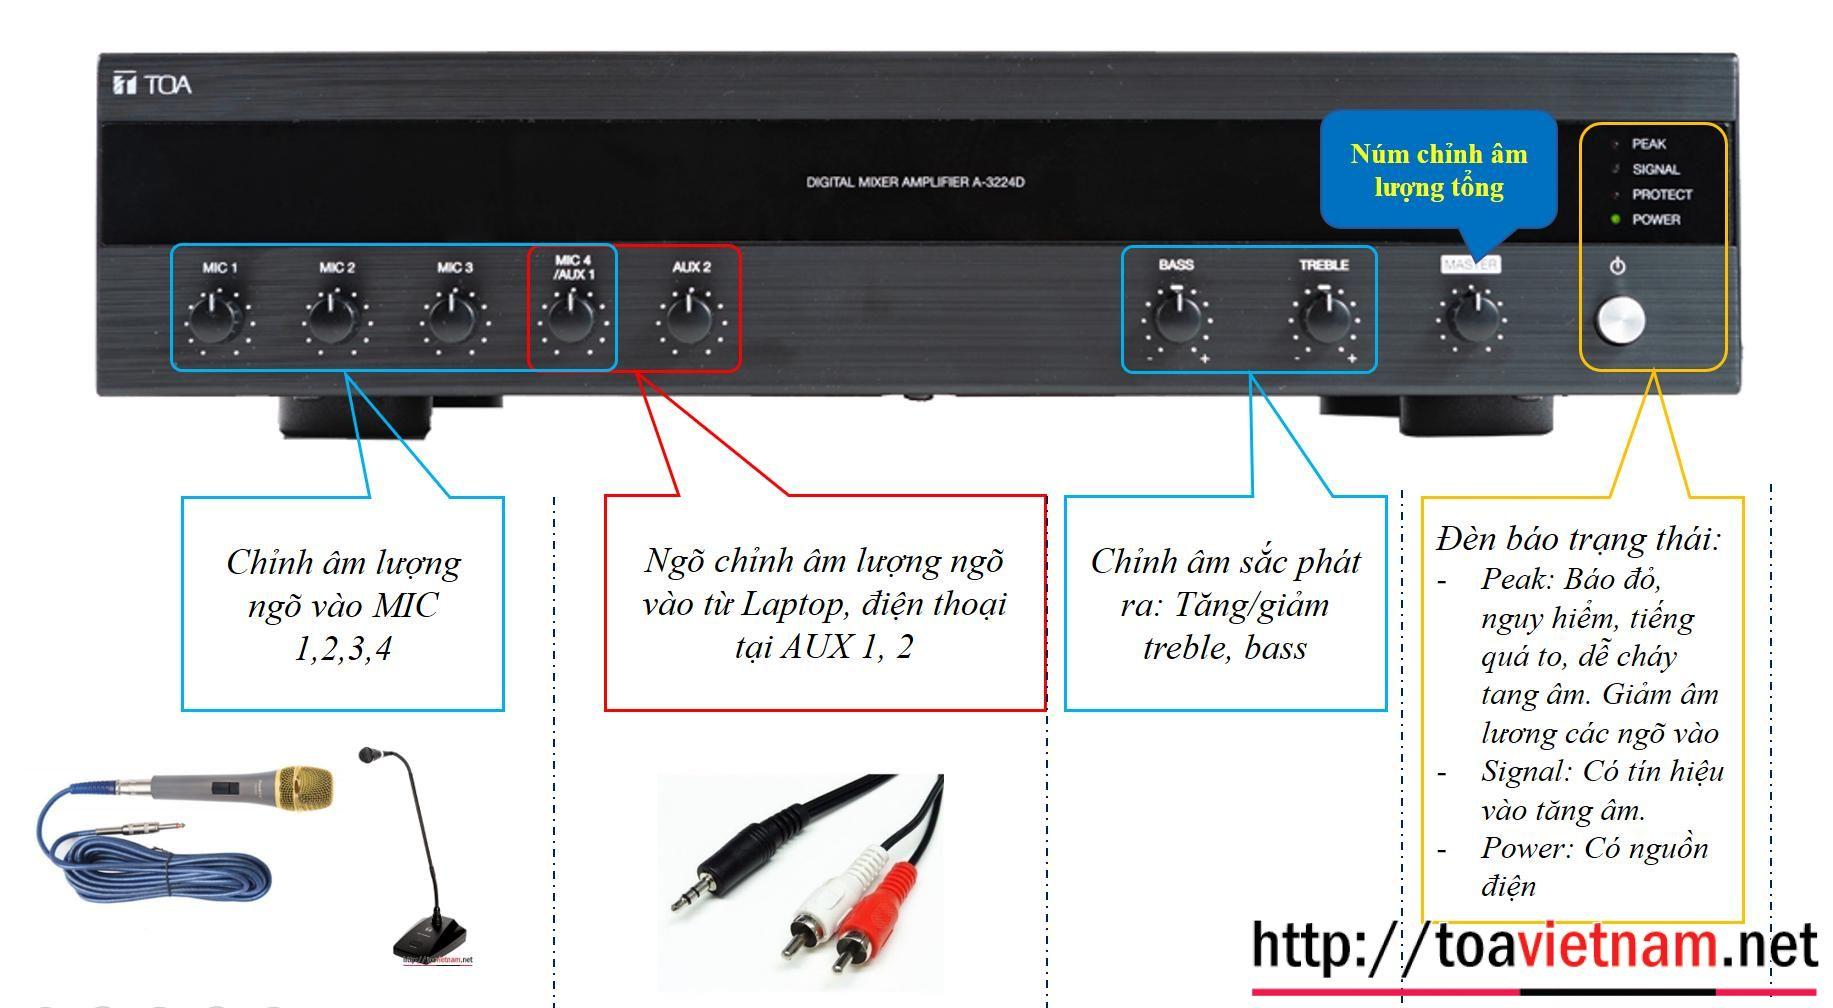 Hướng dẫn sử dụng, lắp đặt tăng âm A-3224D-AS, A-3248D-AS